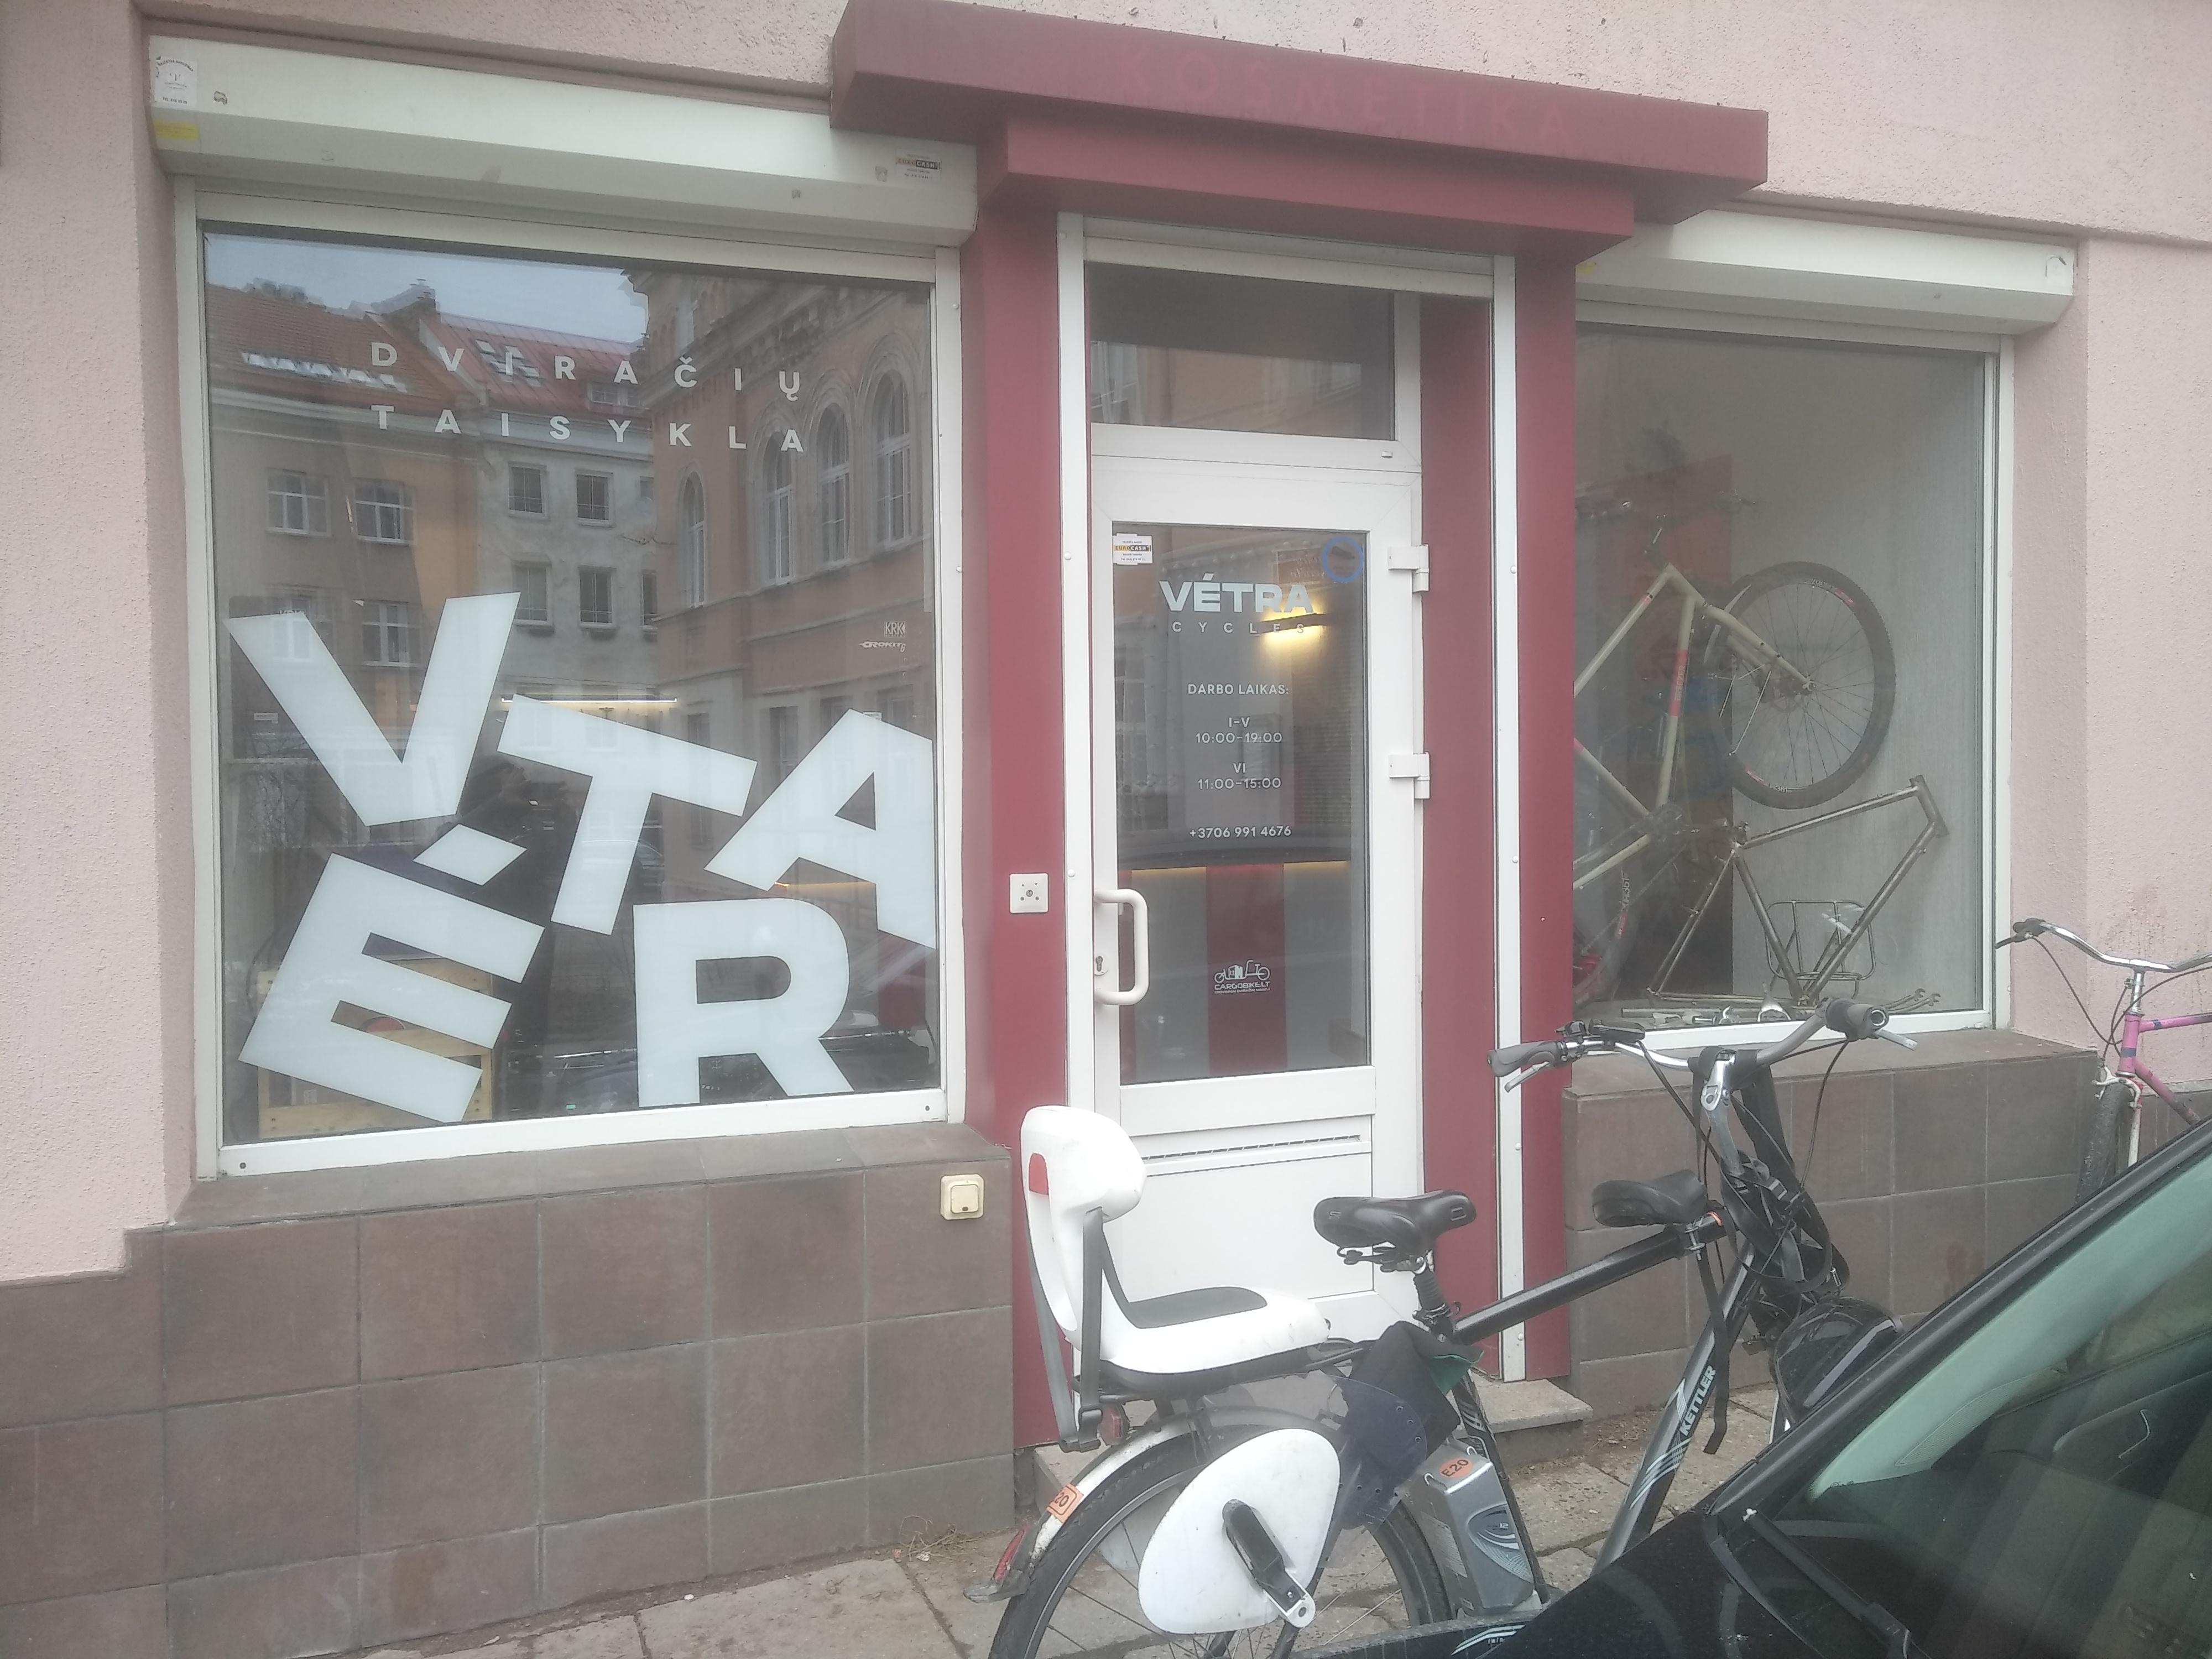 New bike repair shop!